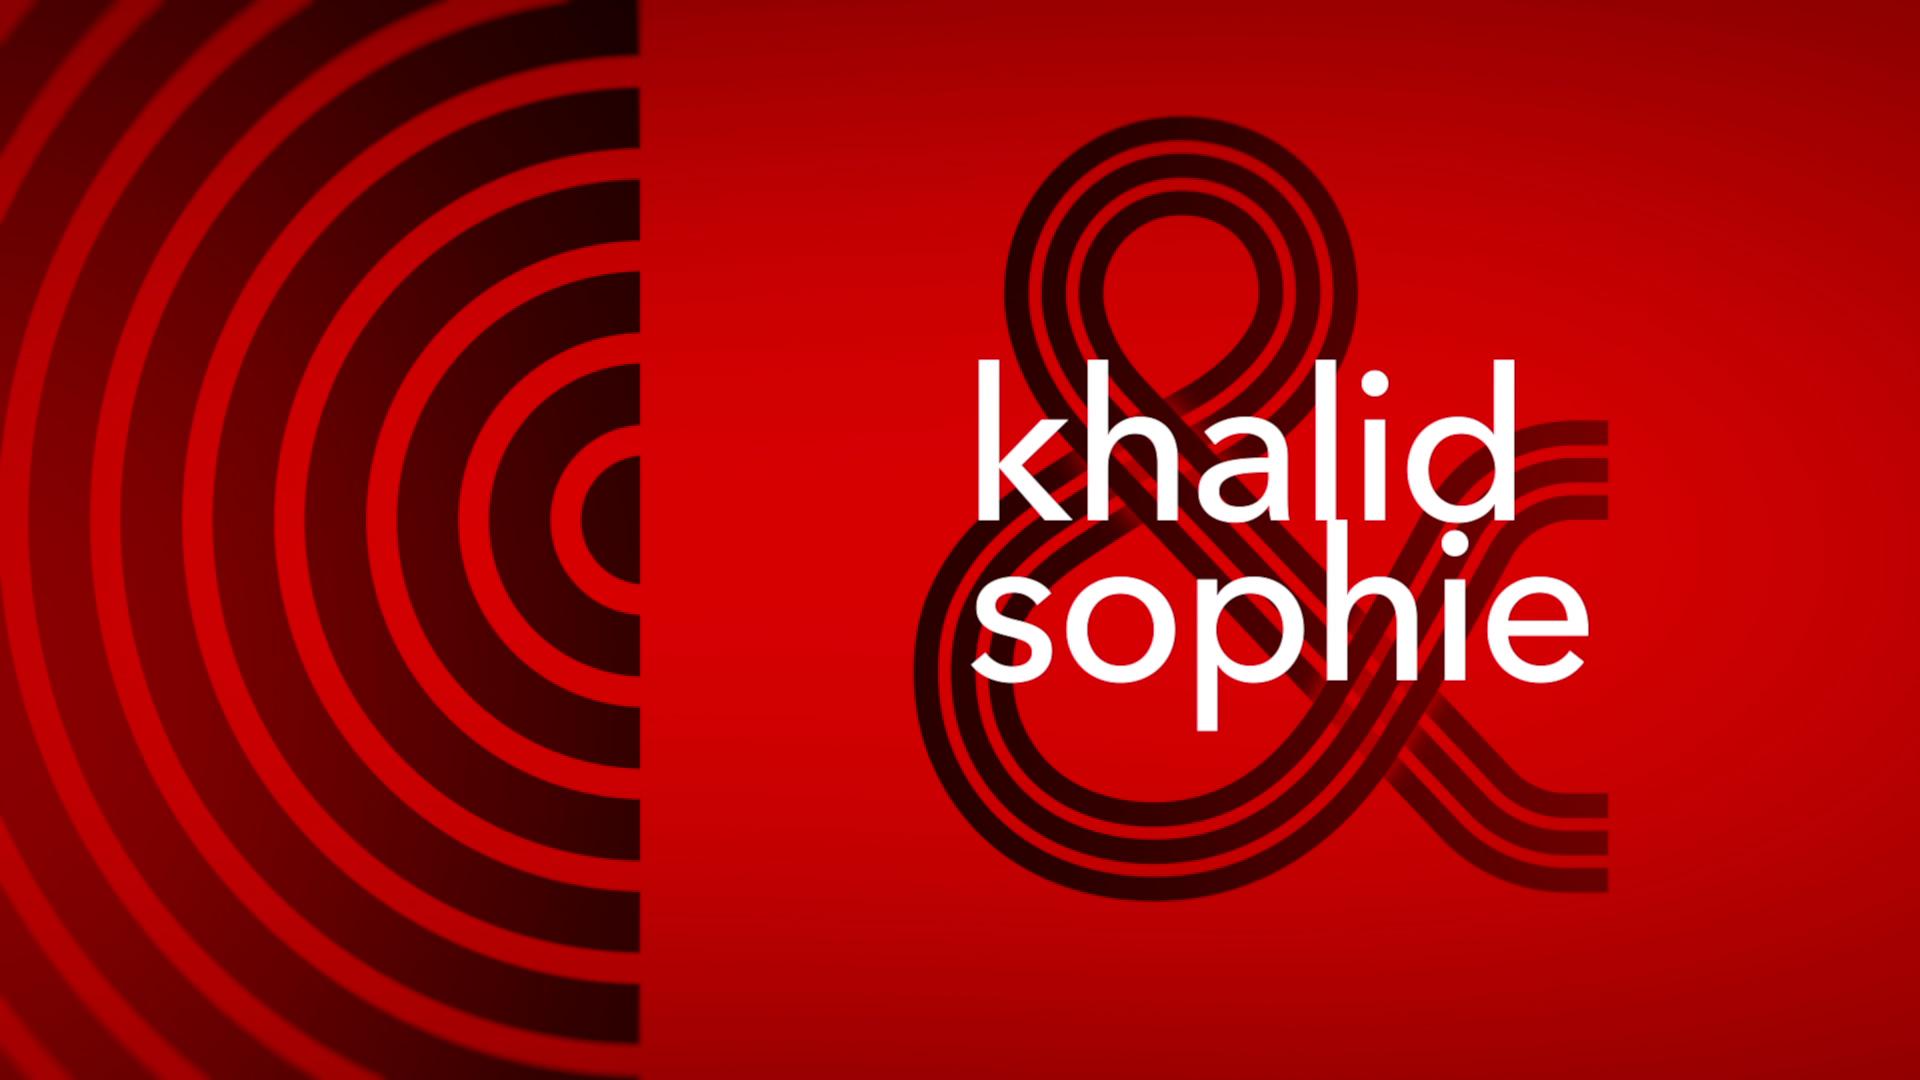 Afbeelding van Khalid & Sophie hele uitzending 27-09-2021